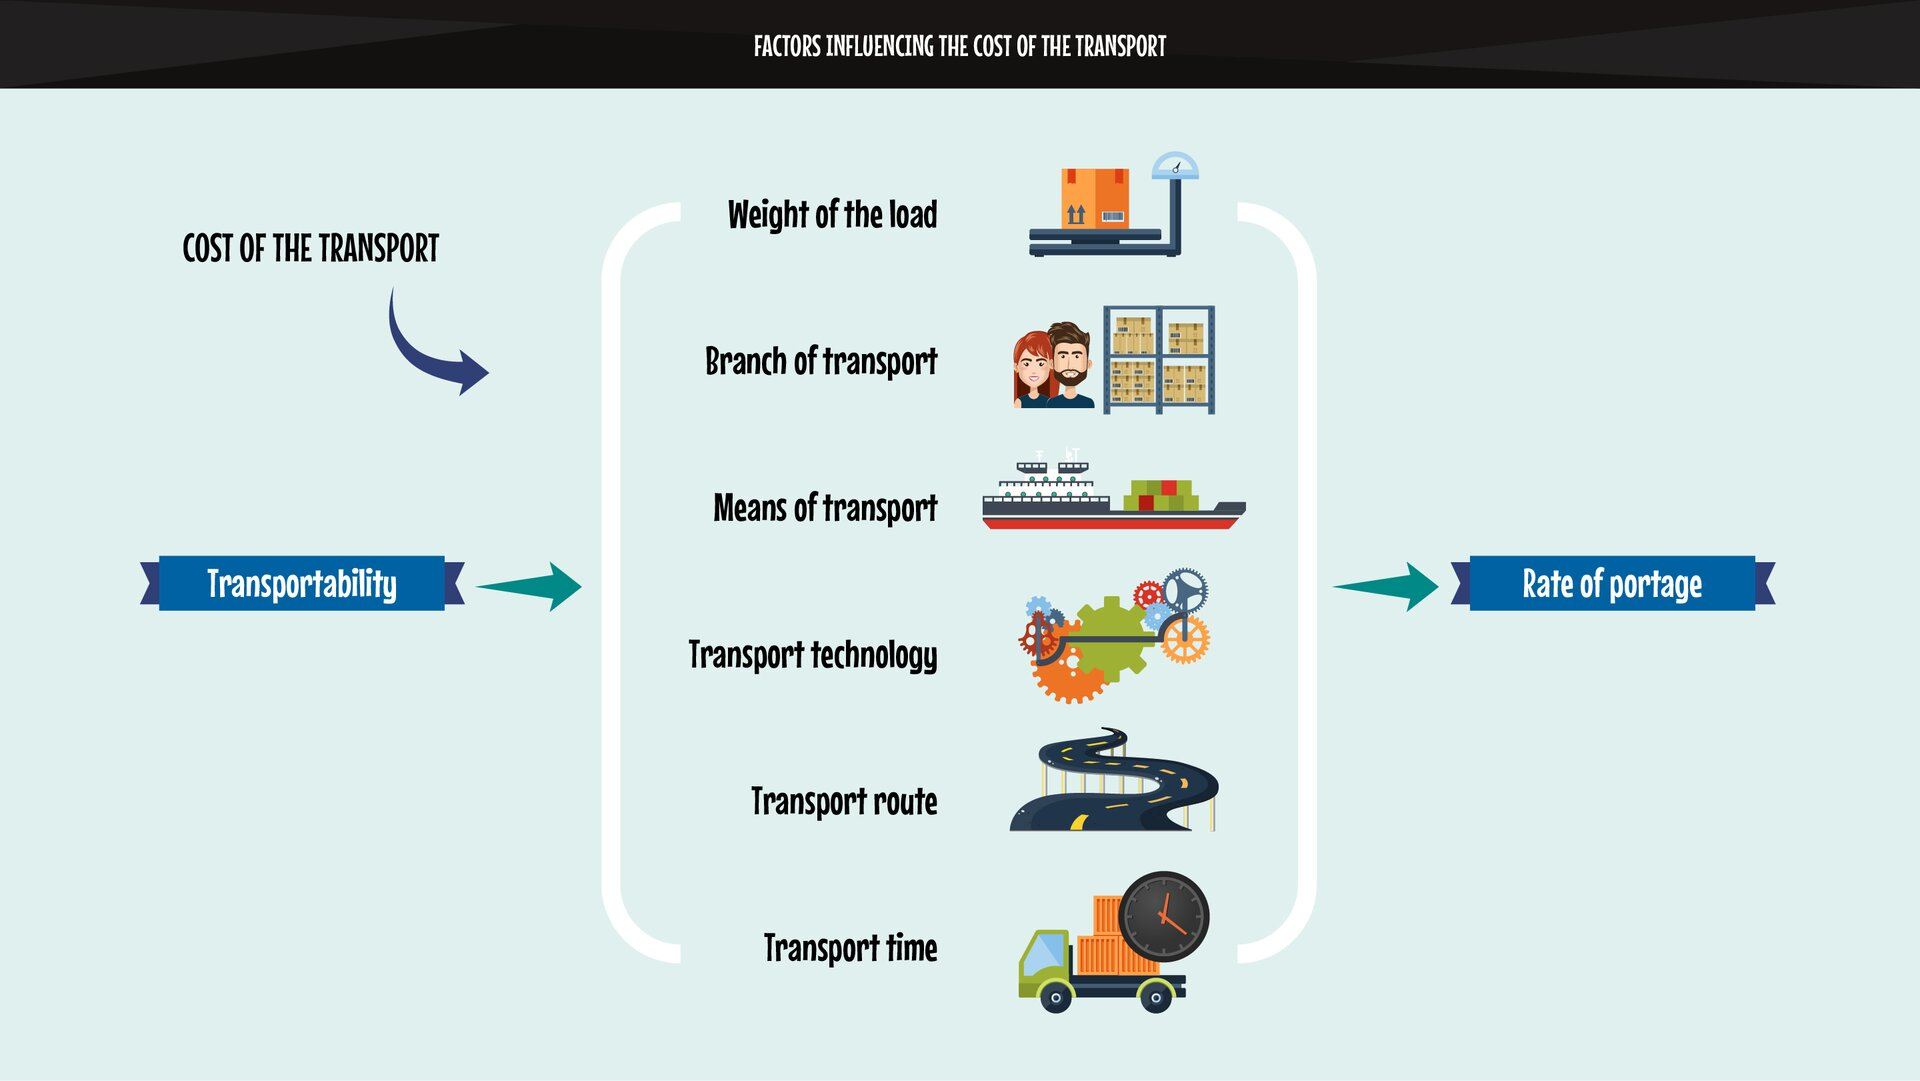 The graphics schematically show the factors influencing the portage.Grafika wschematyczny sposób przedstawia czynniki wpływające na wysokość przewoźnego.